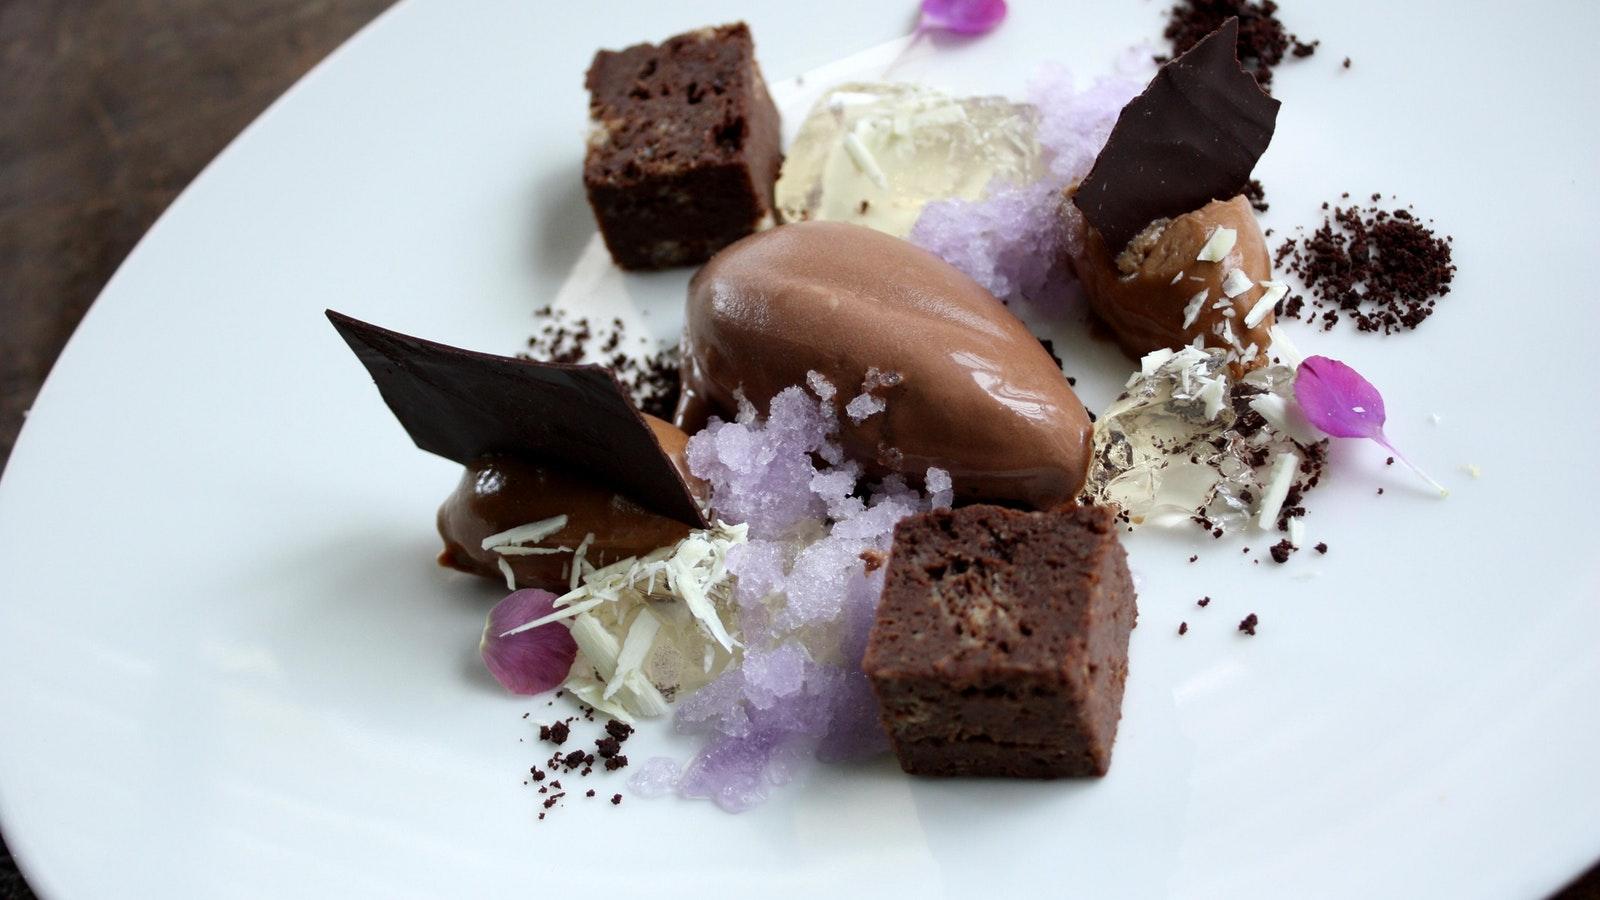 Violet Dessert